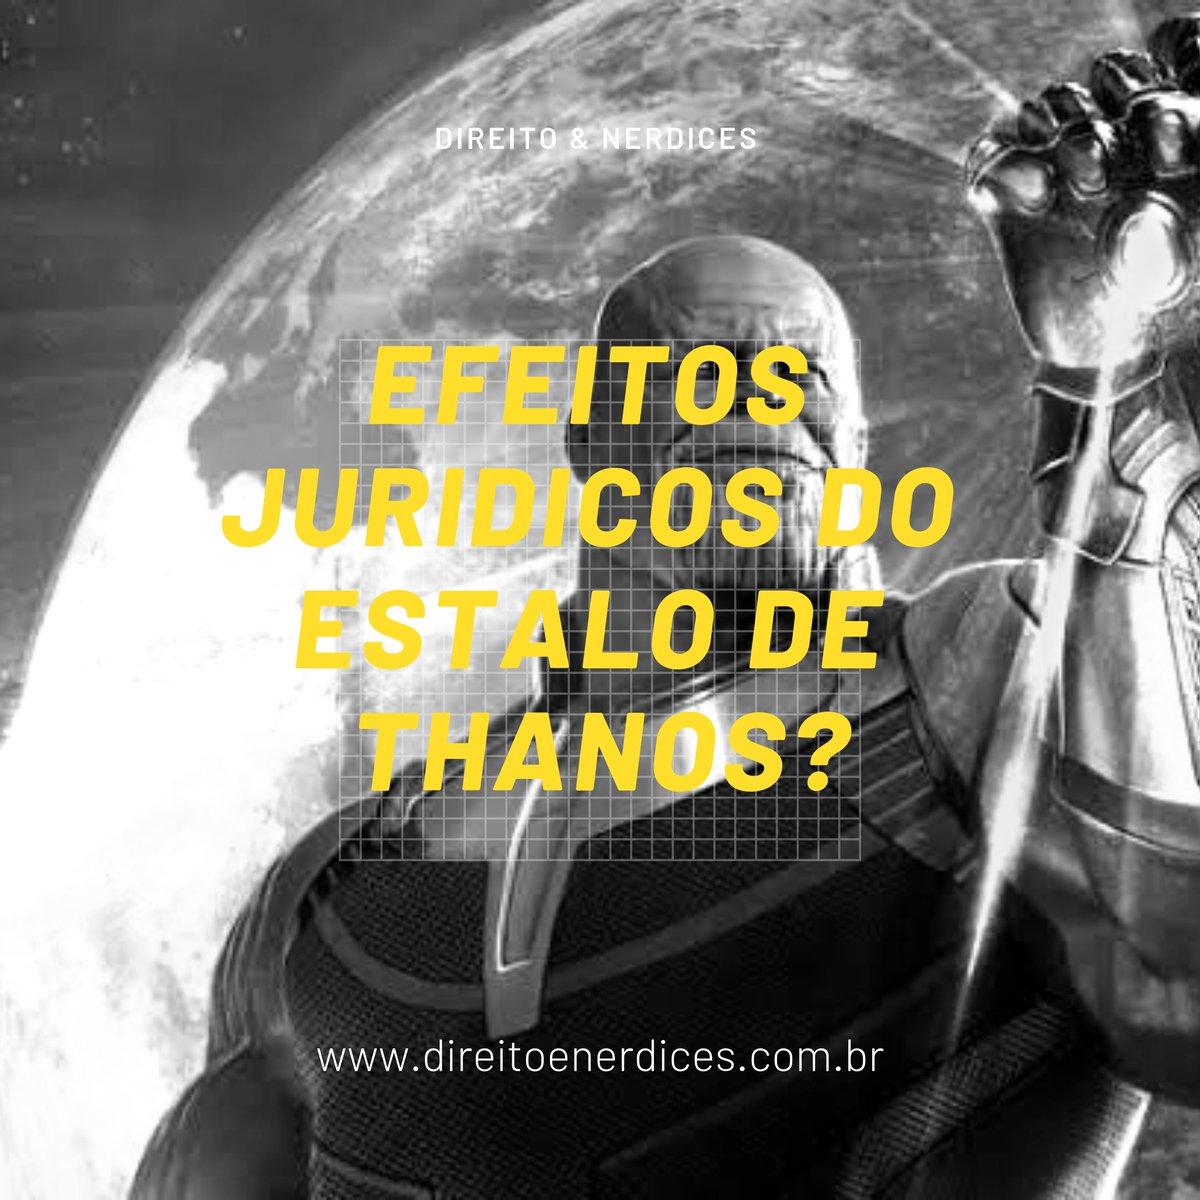 Vamos imaginar o que aconteceria no Brasil após os acontecimentos de Vingadores: Guerra Infinita? https://t.co/oNX8N715e4